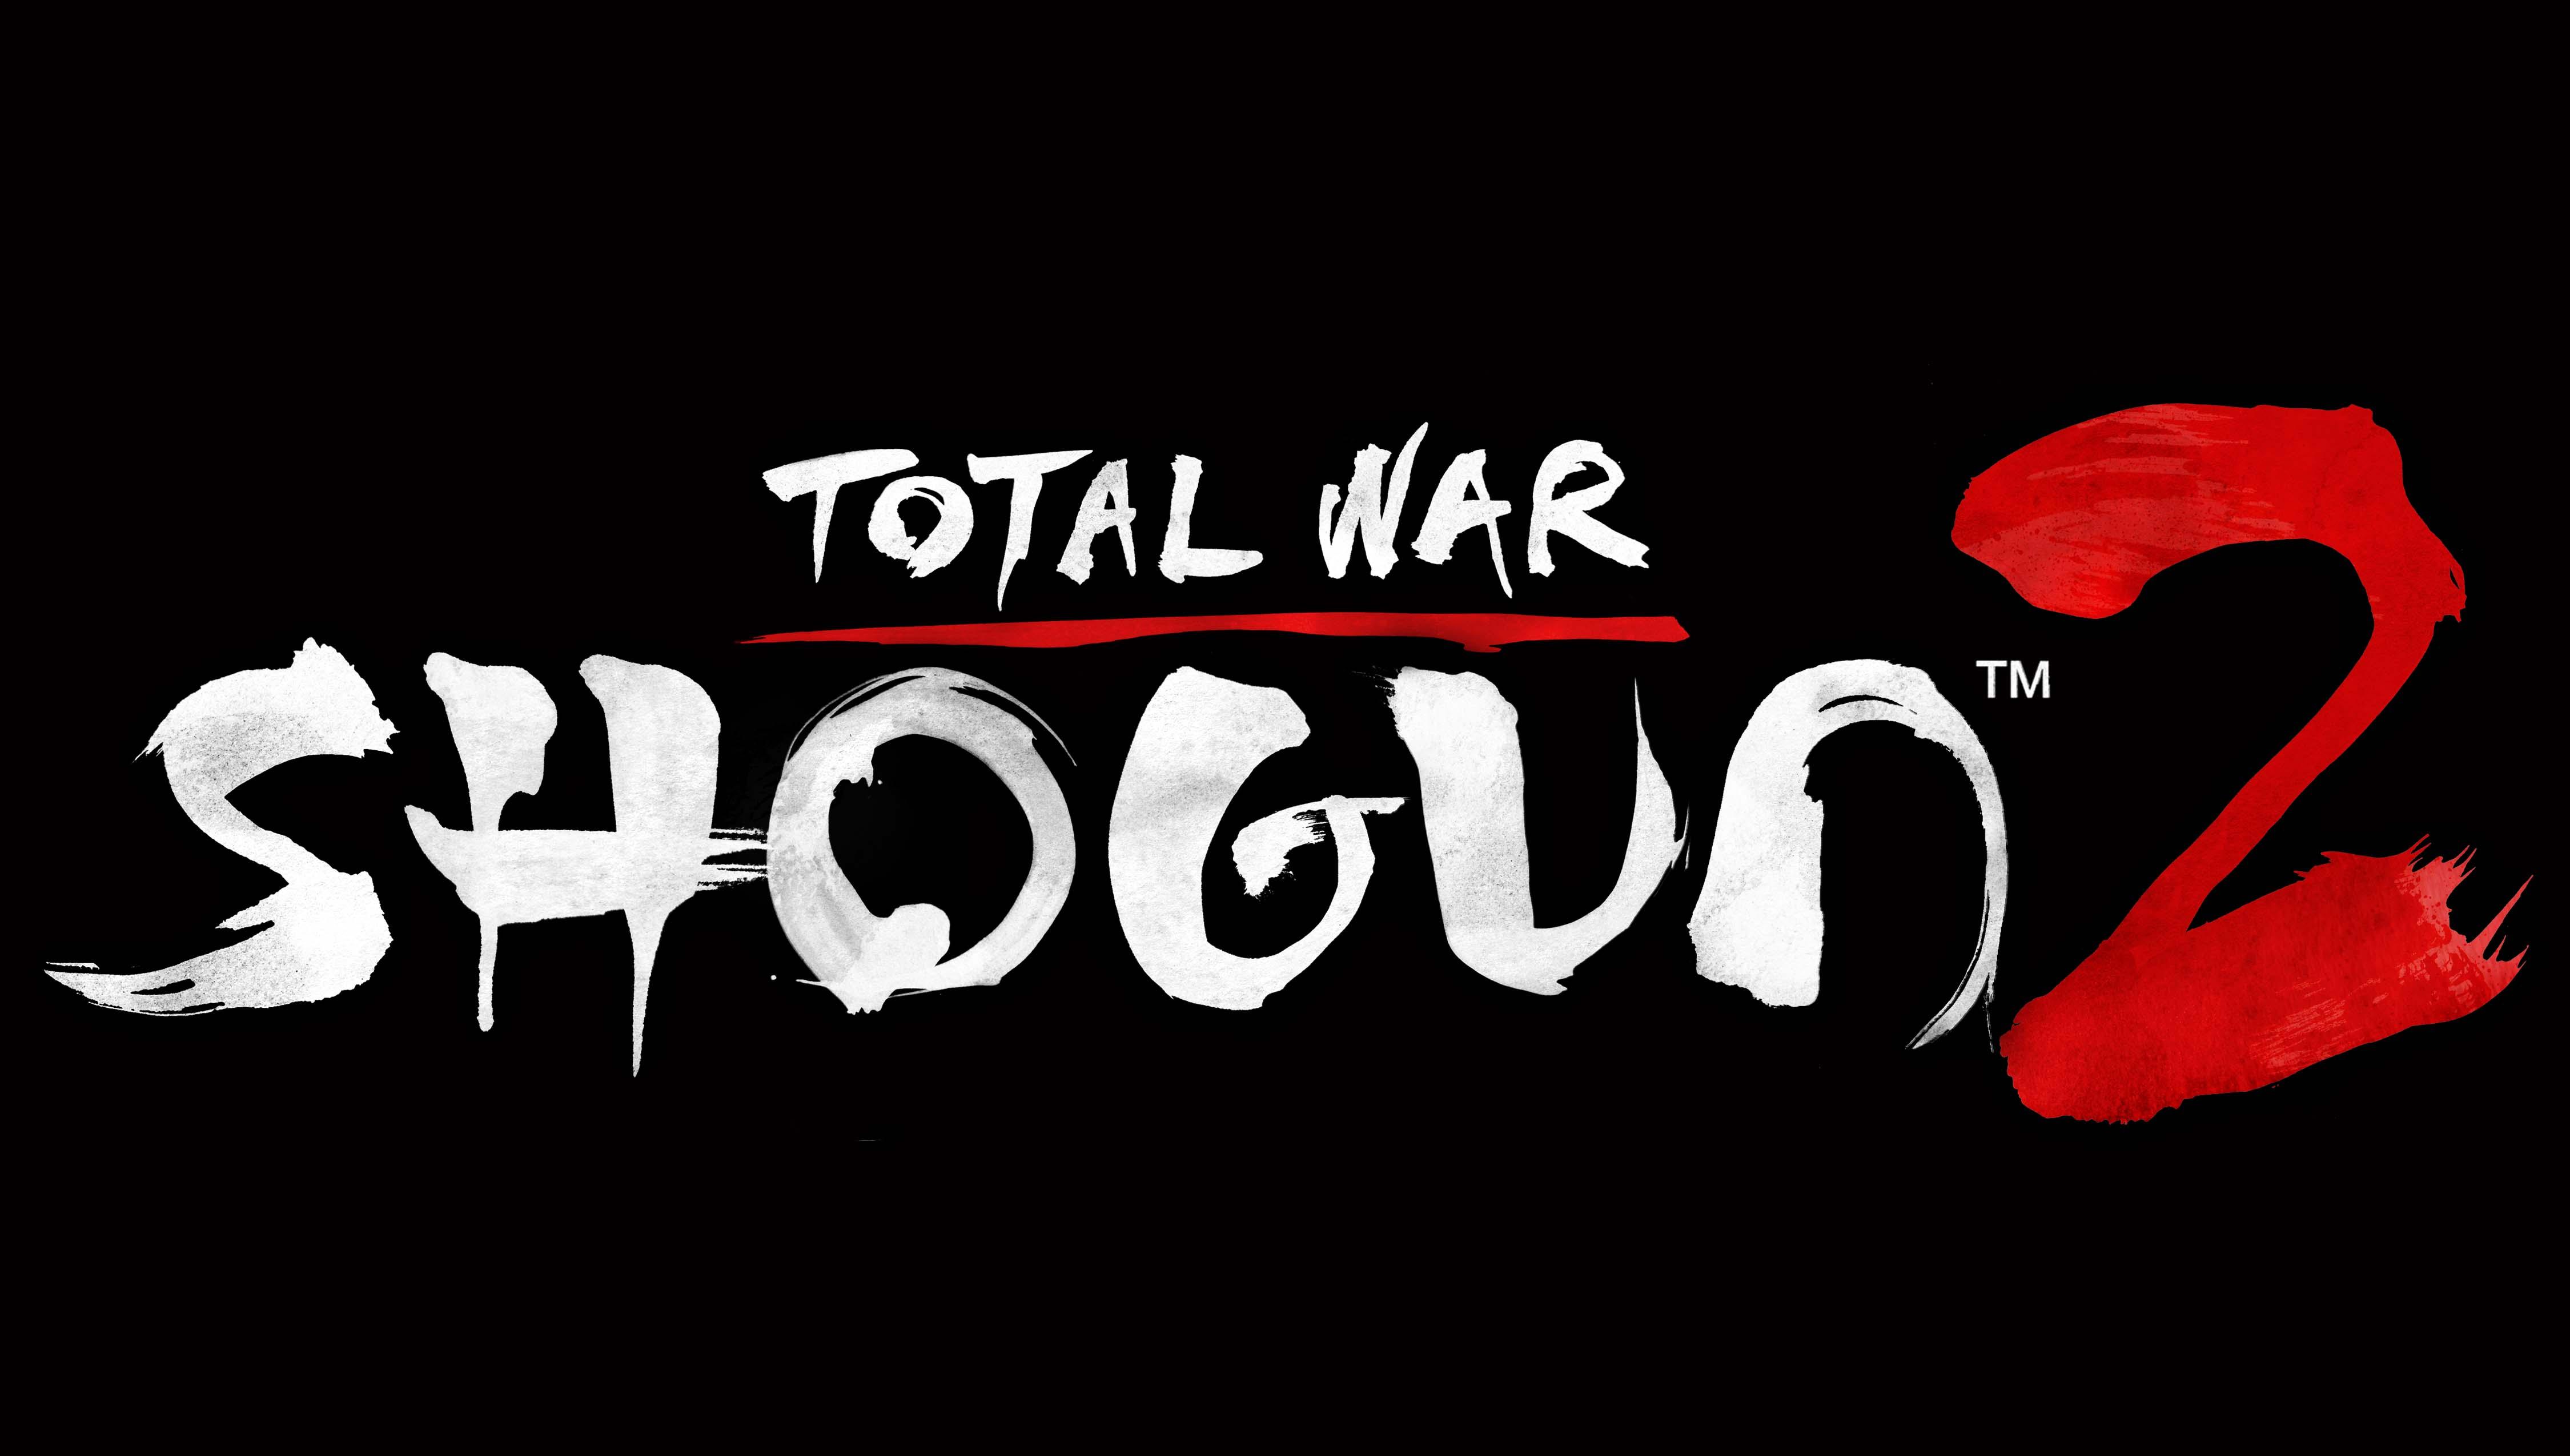 Total War Shogun 2 Wikipedia